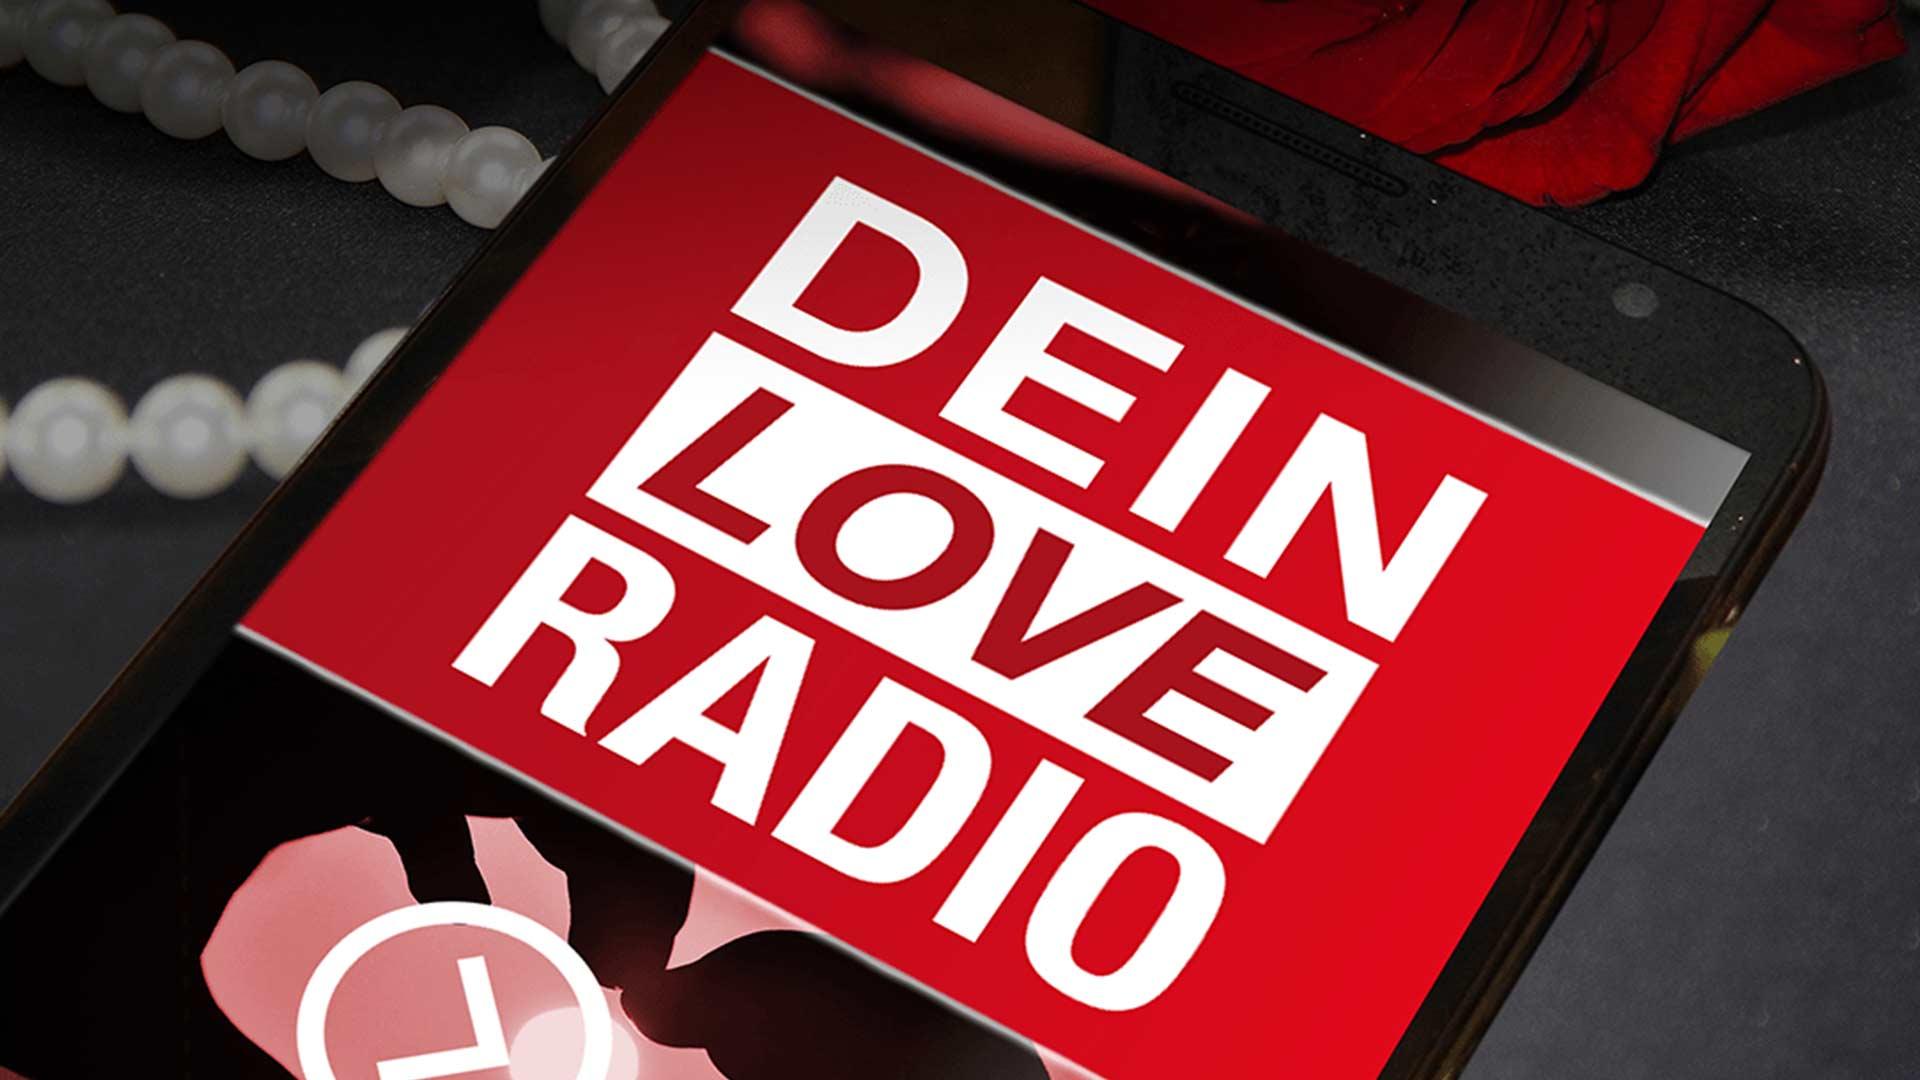 Passend zum Valentinstag bieten die Sender der Westfunk Dein Love Radio als Webradio an.